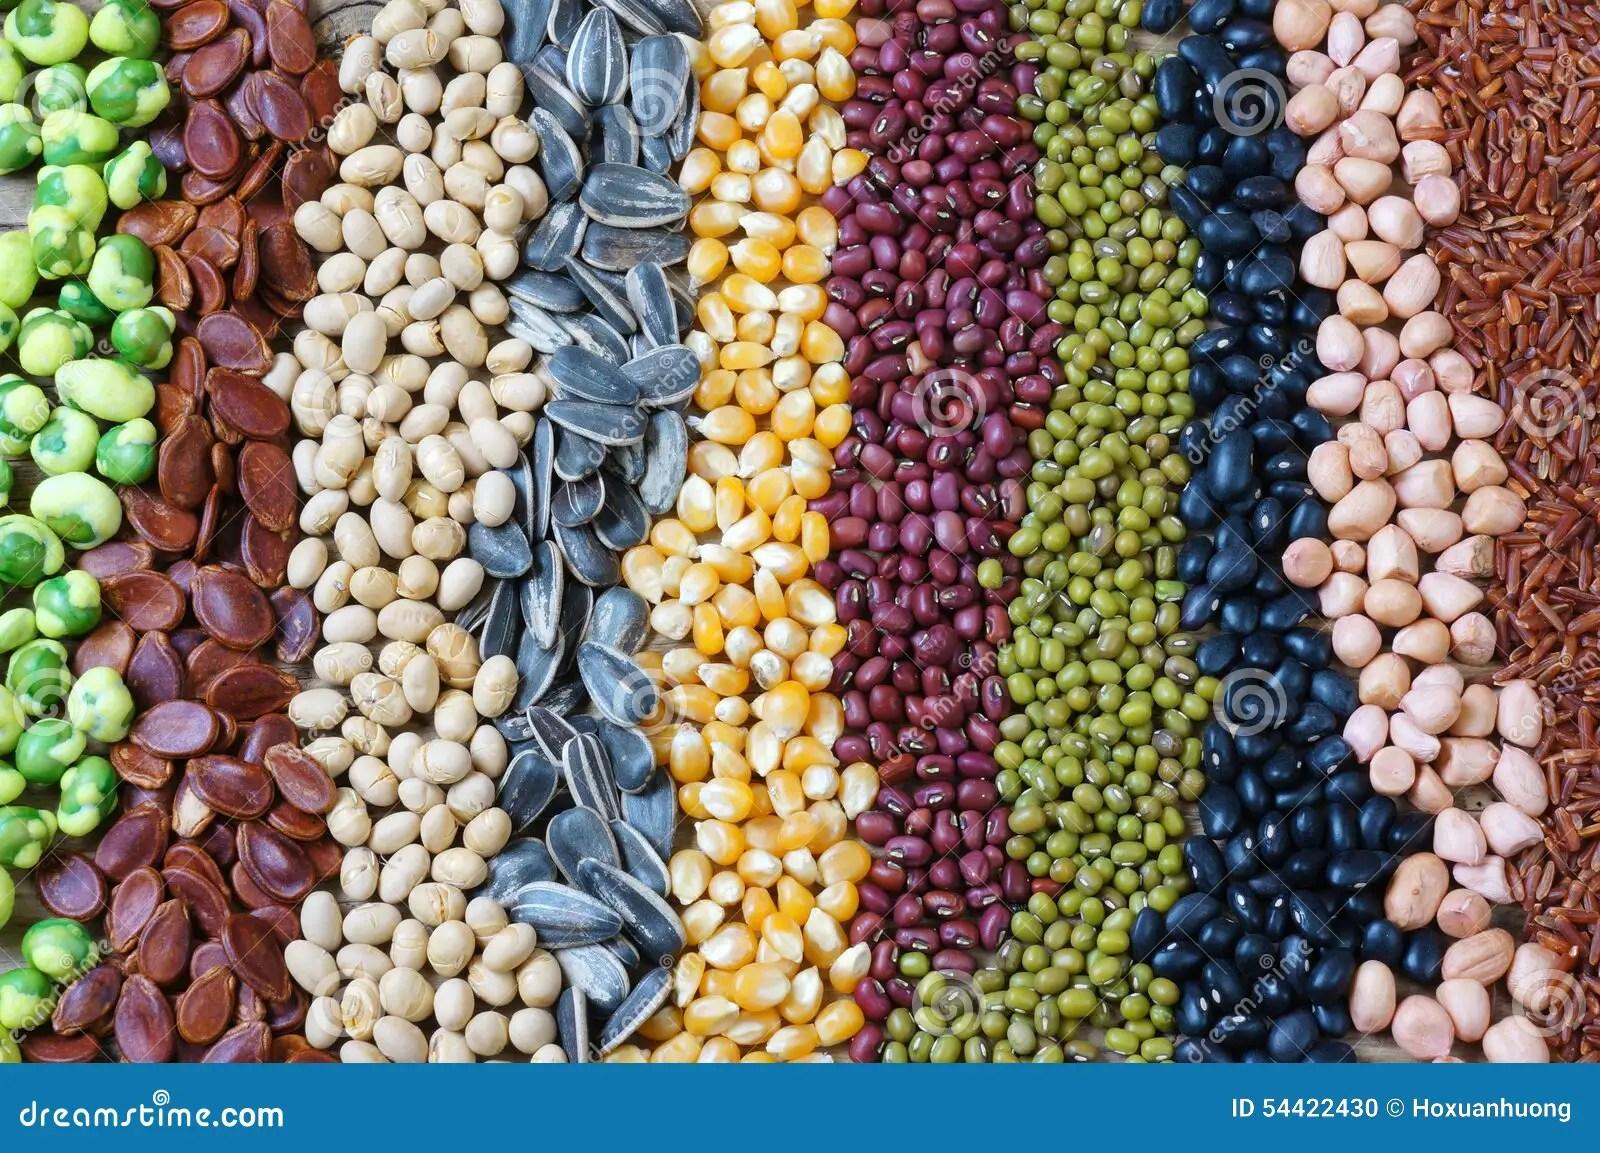 Colecao Da Grao Cereal Semente Feijao Foto De Stock